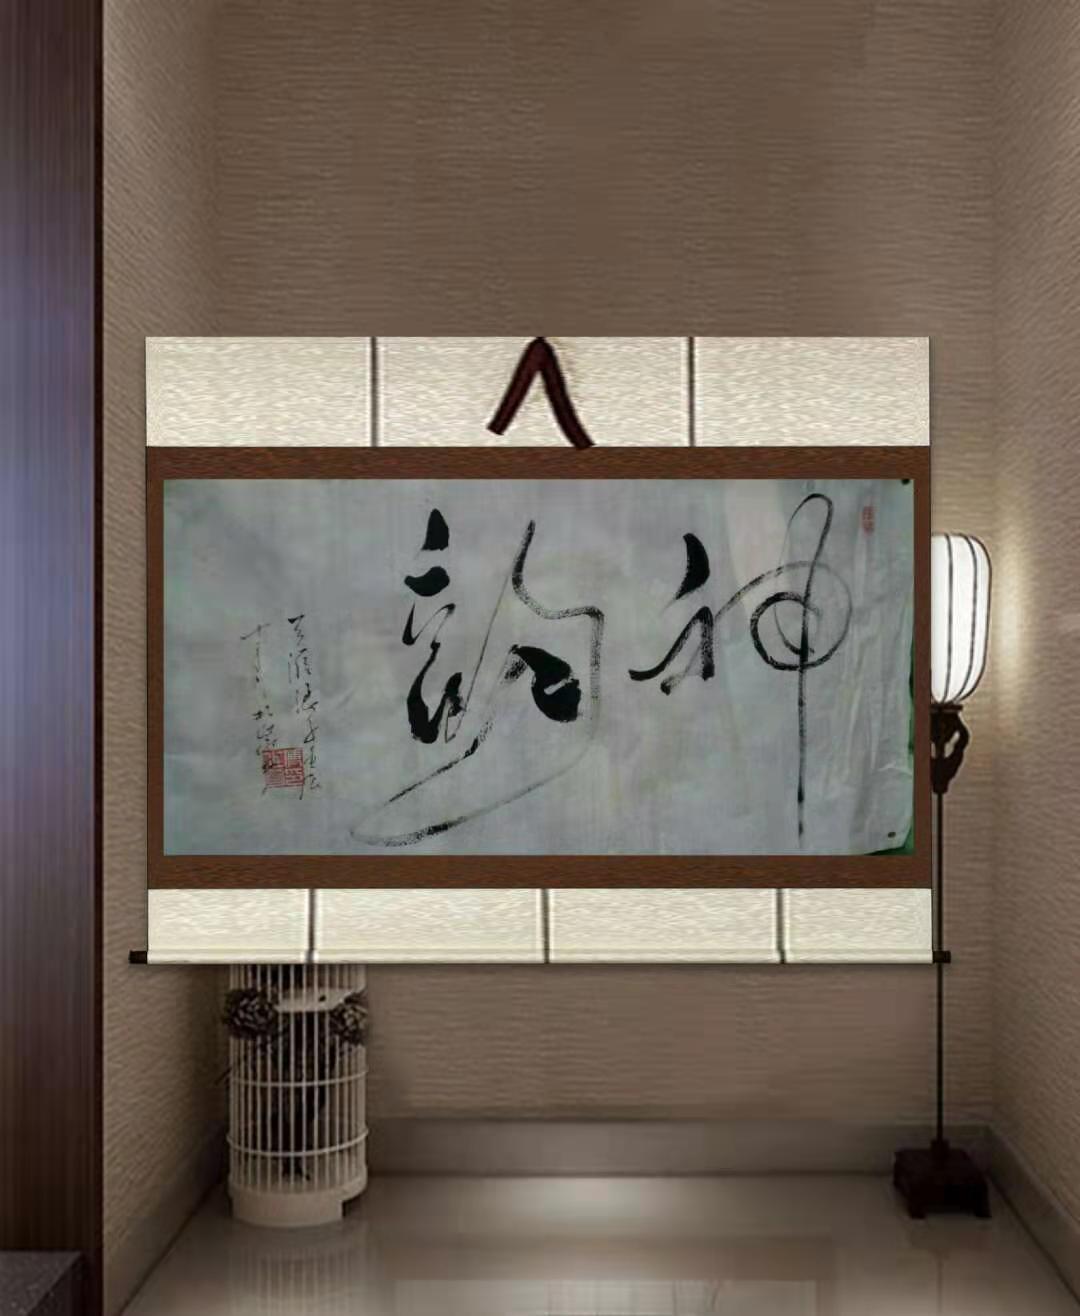 中国当代艺术名家天涯浪子付小明专访录